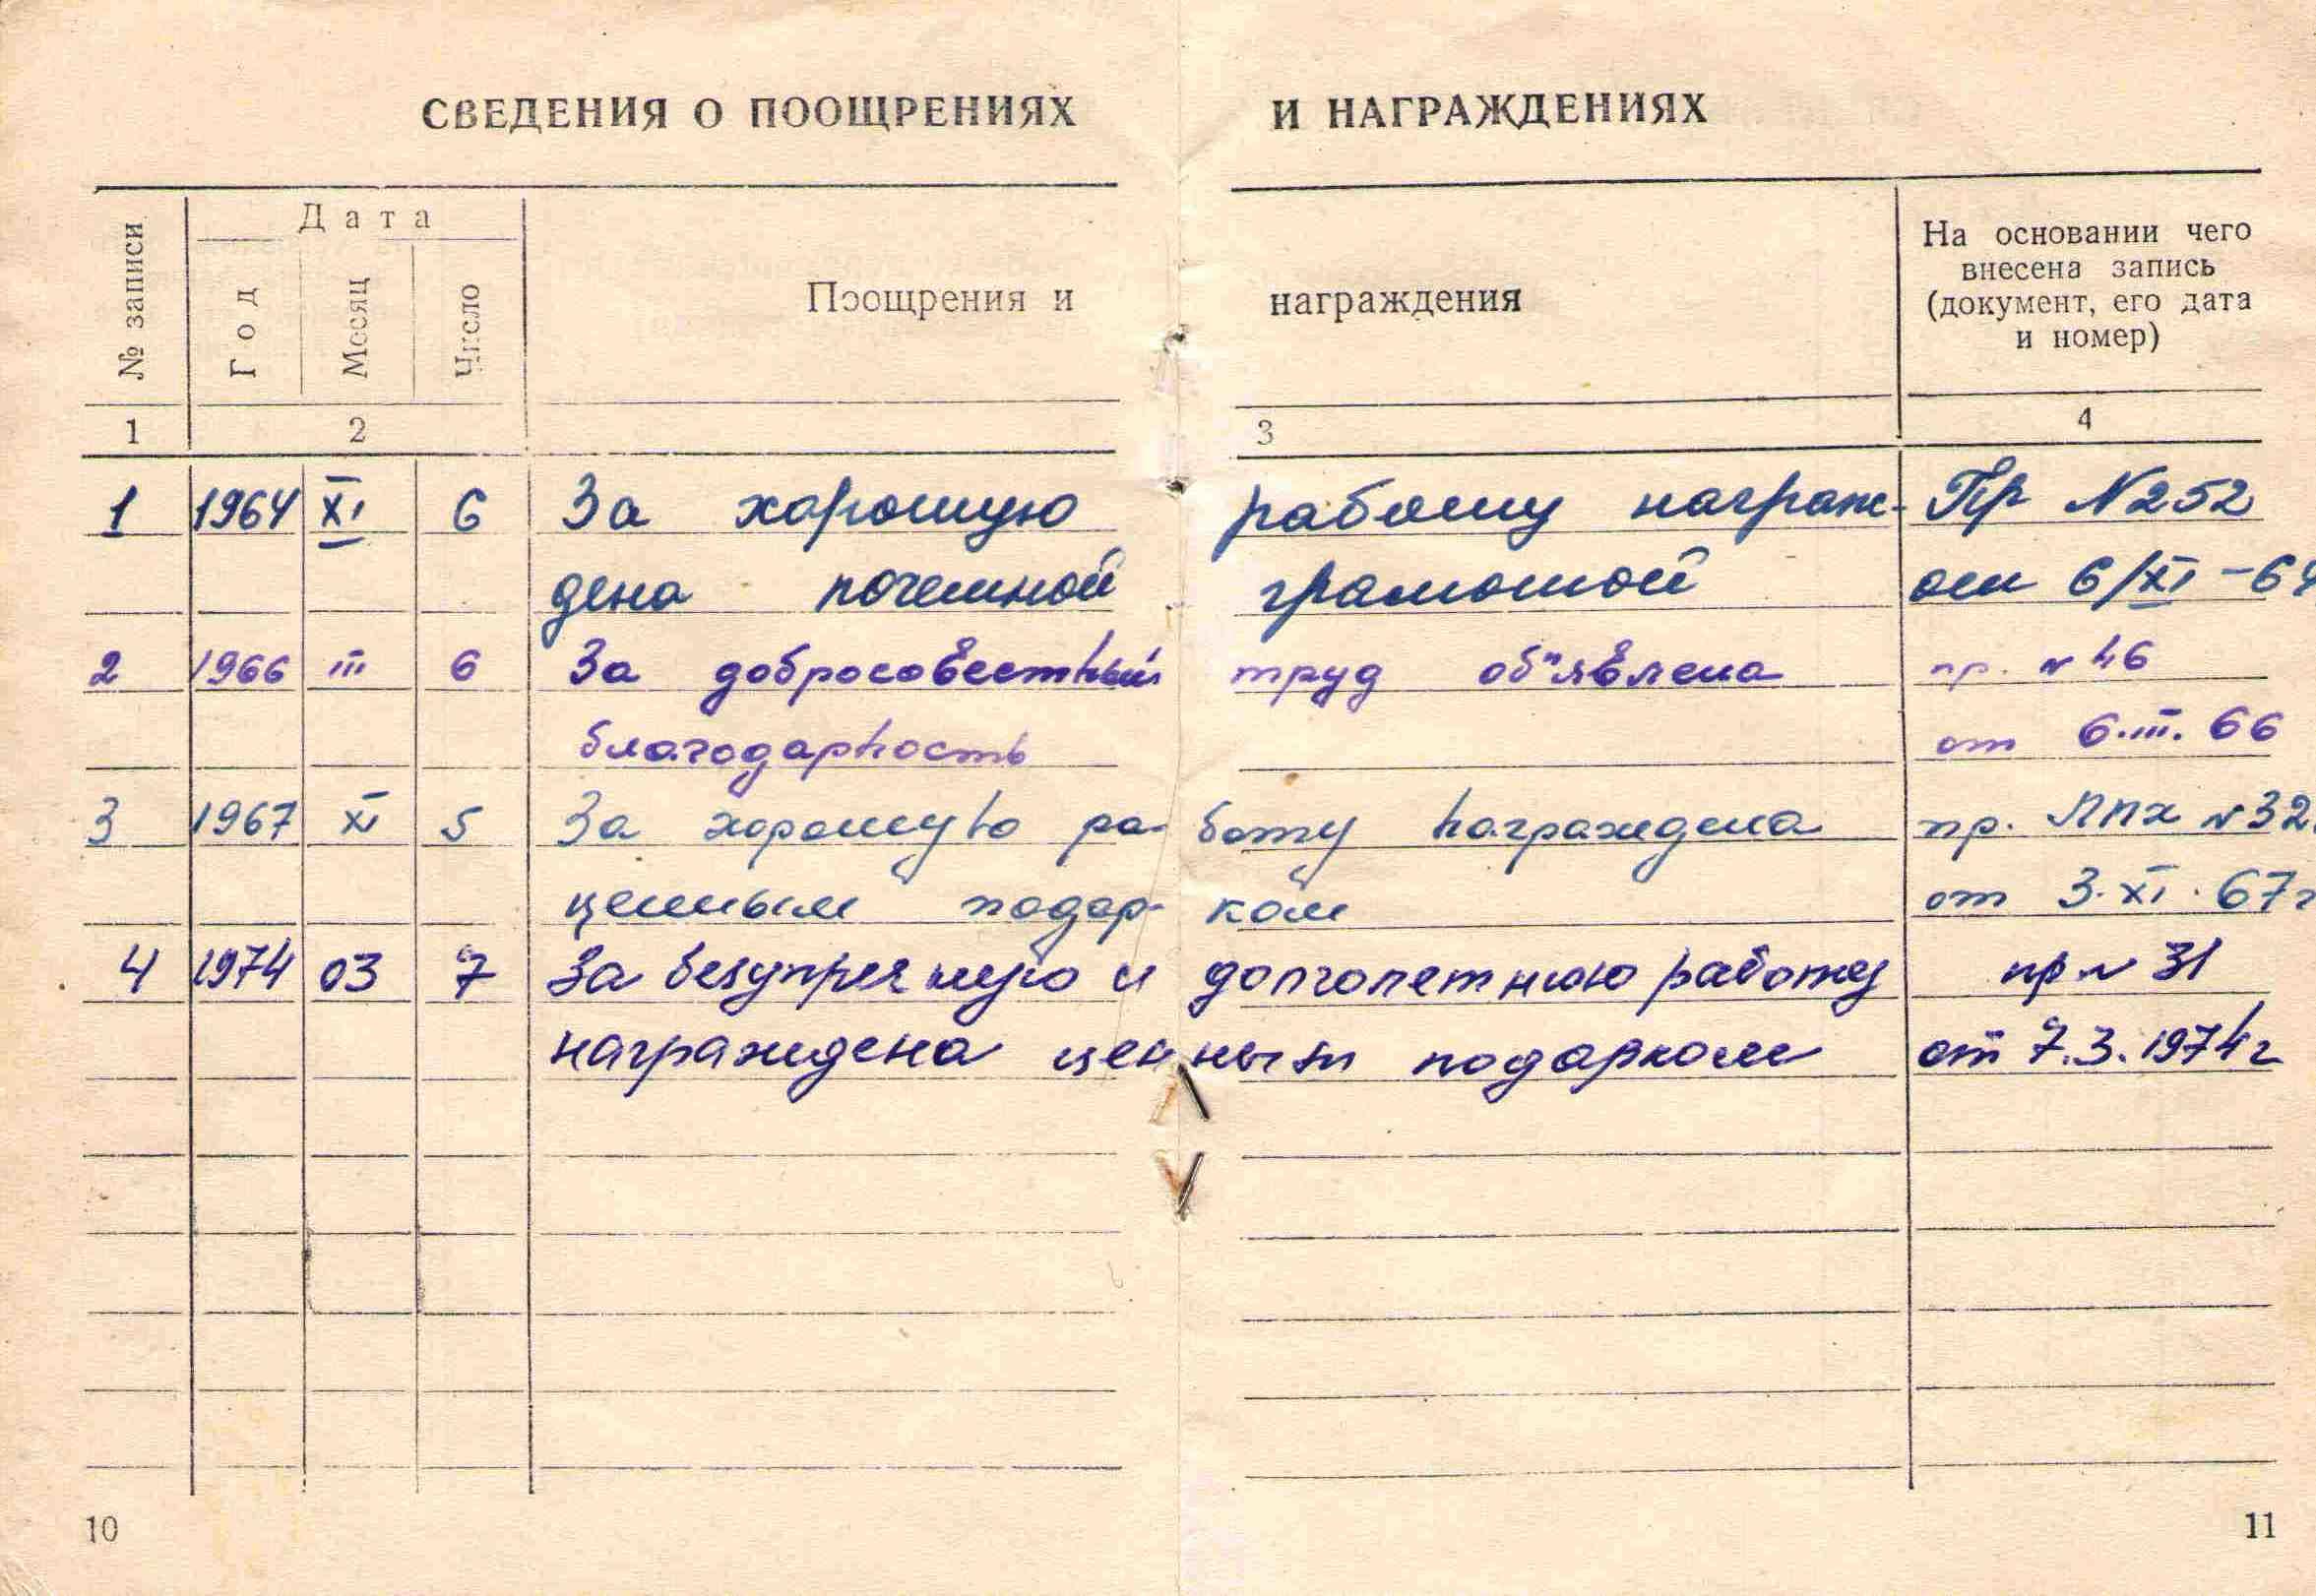 38. Трудовая книжка Барыкиной МГ, 1957.